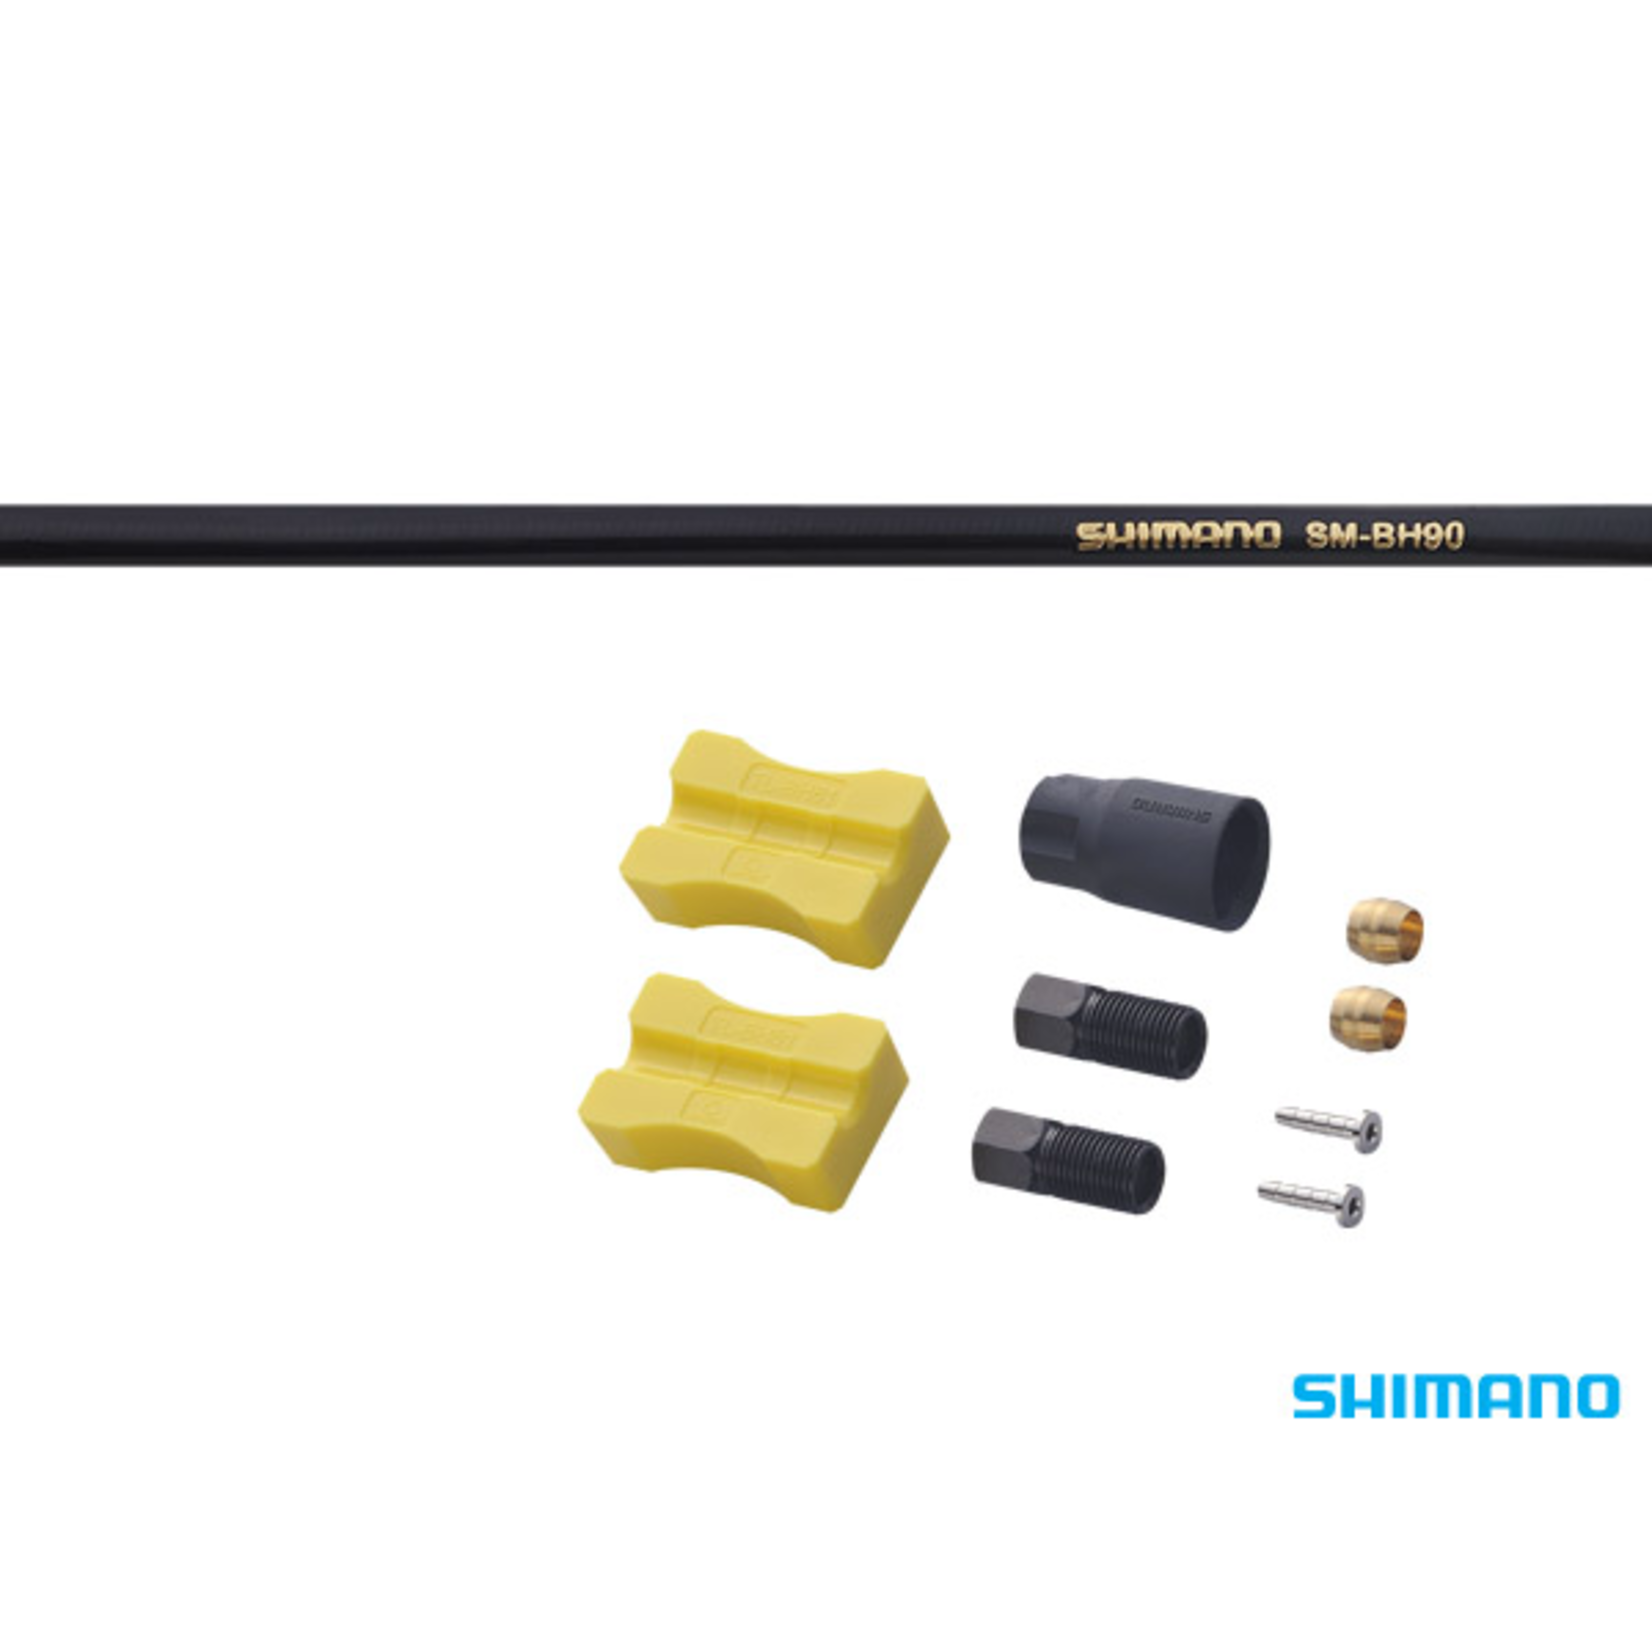 Shimano SM-BH90-SS Disc Brake Hose 1700mm Black